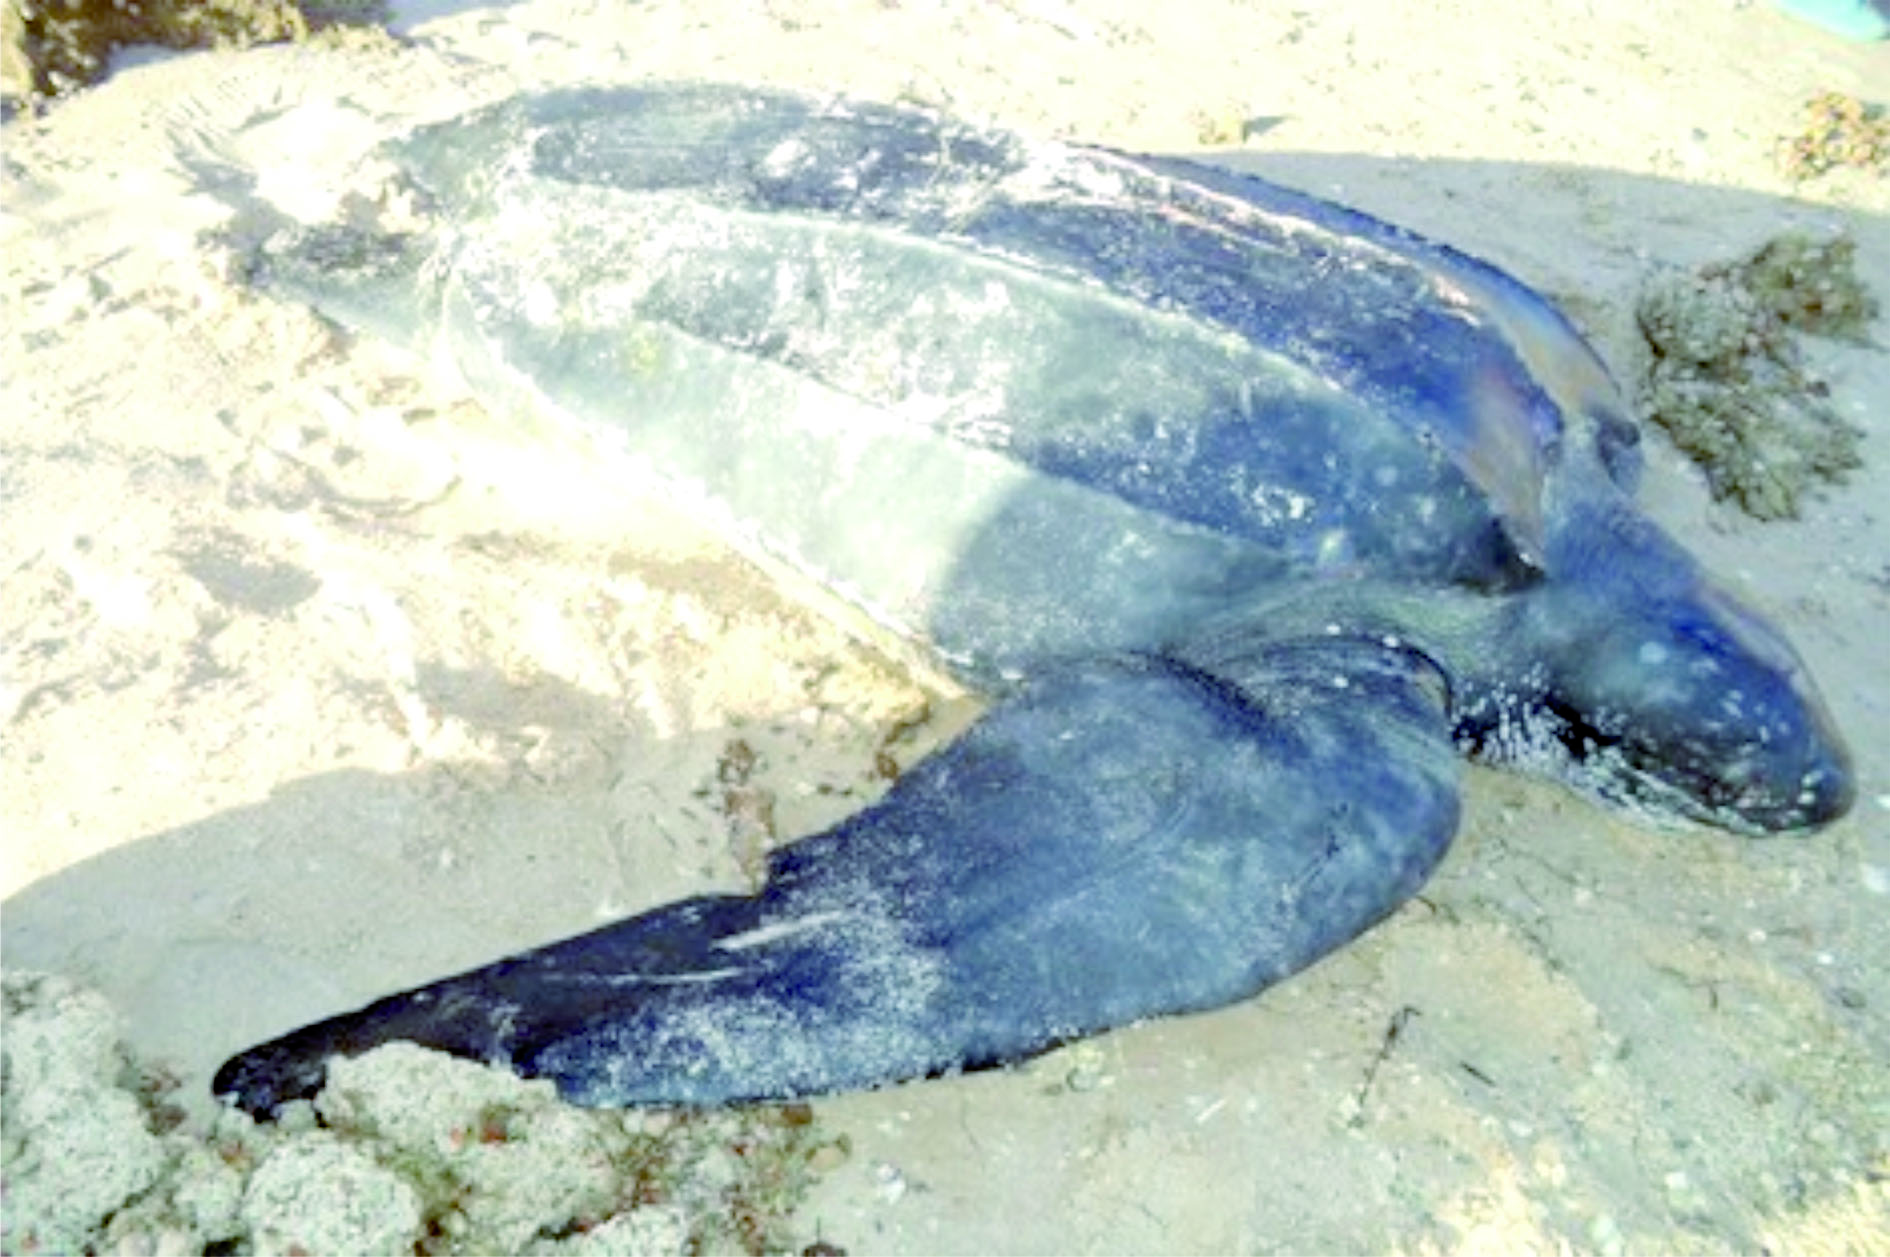 Une tortue géante échoue près de Dakhla